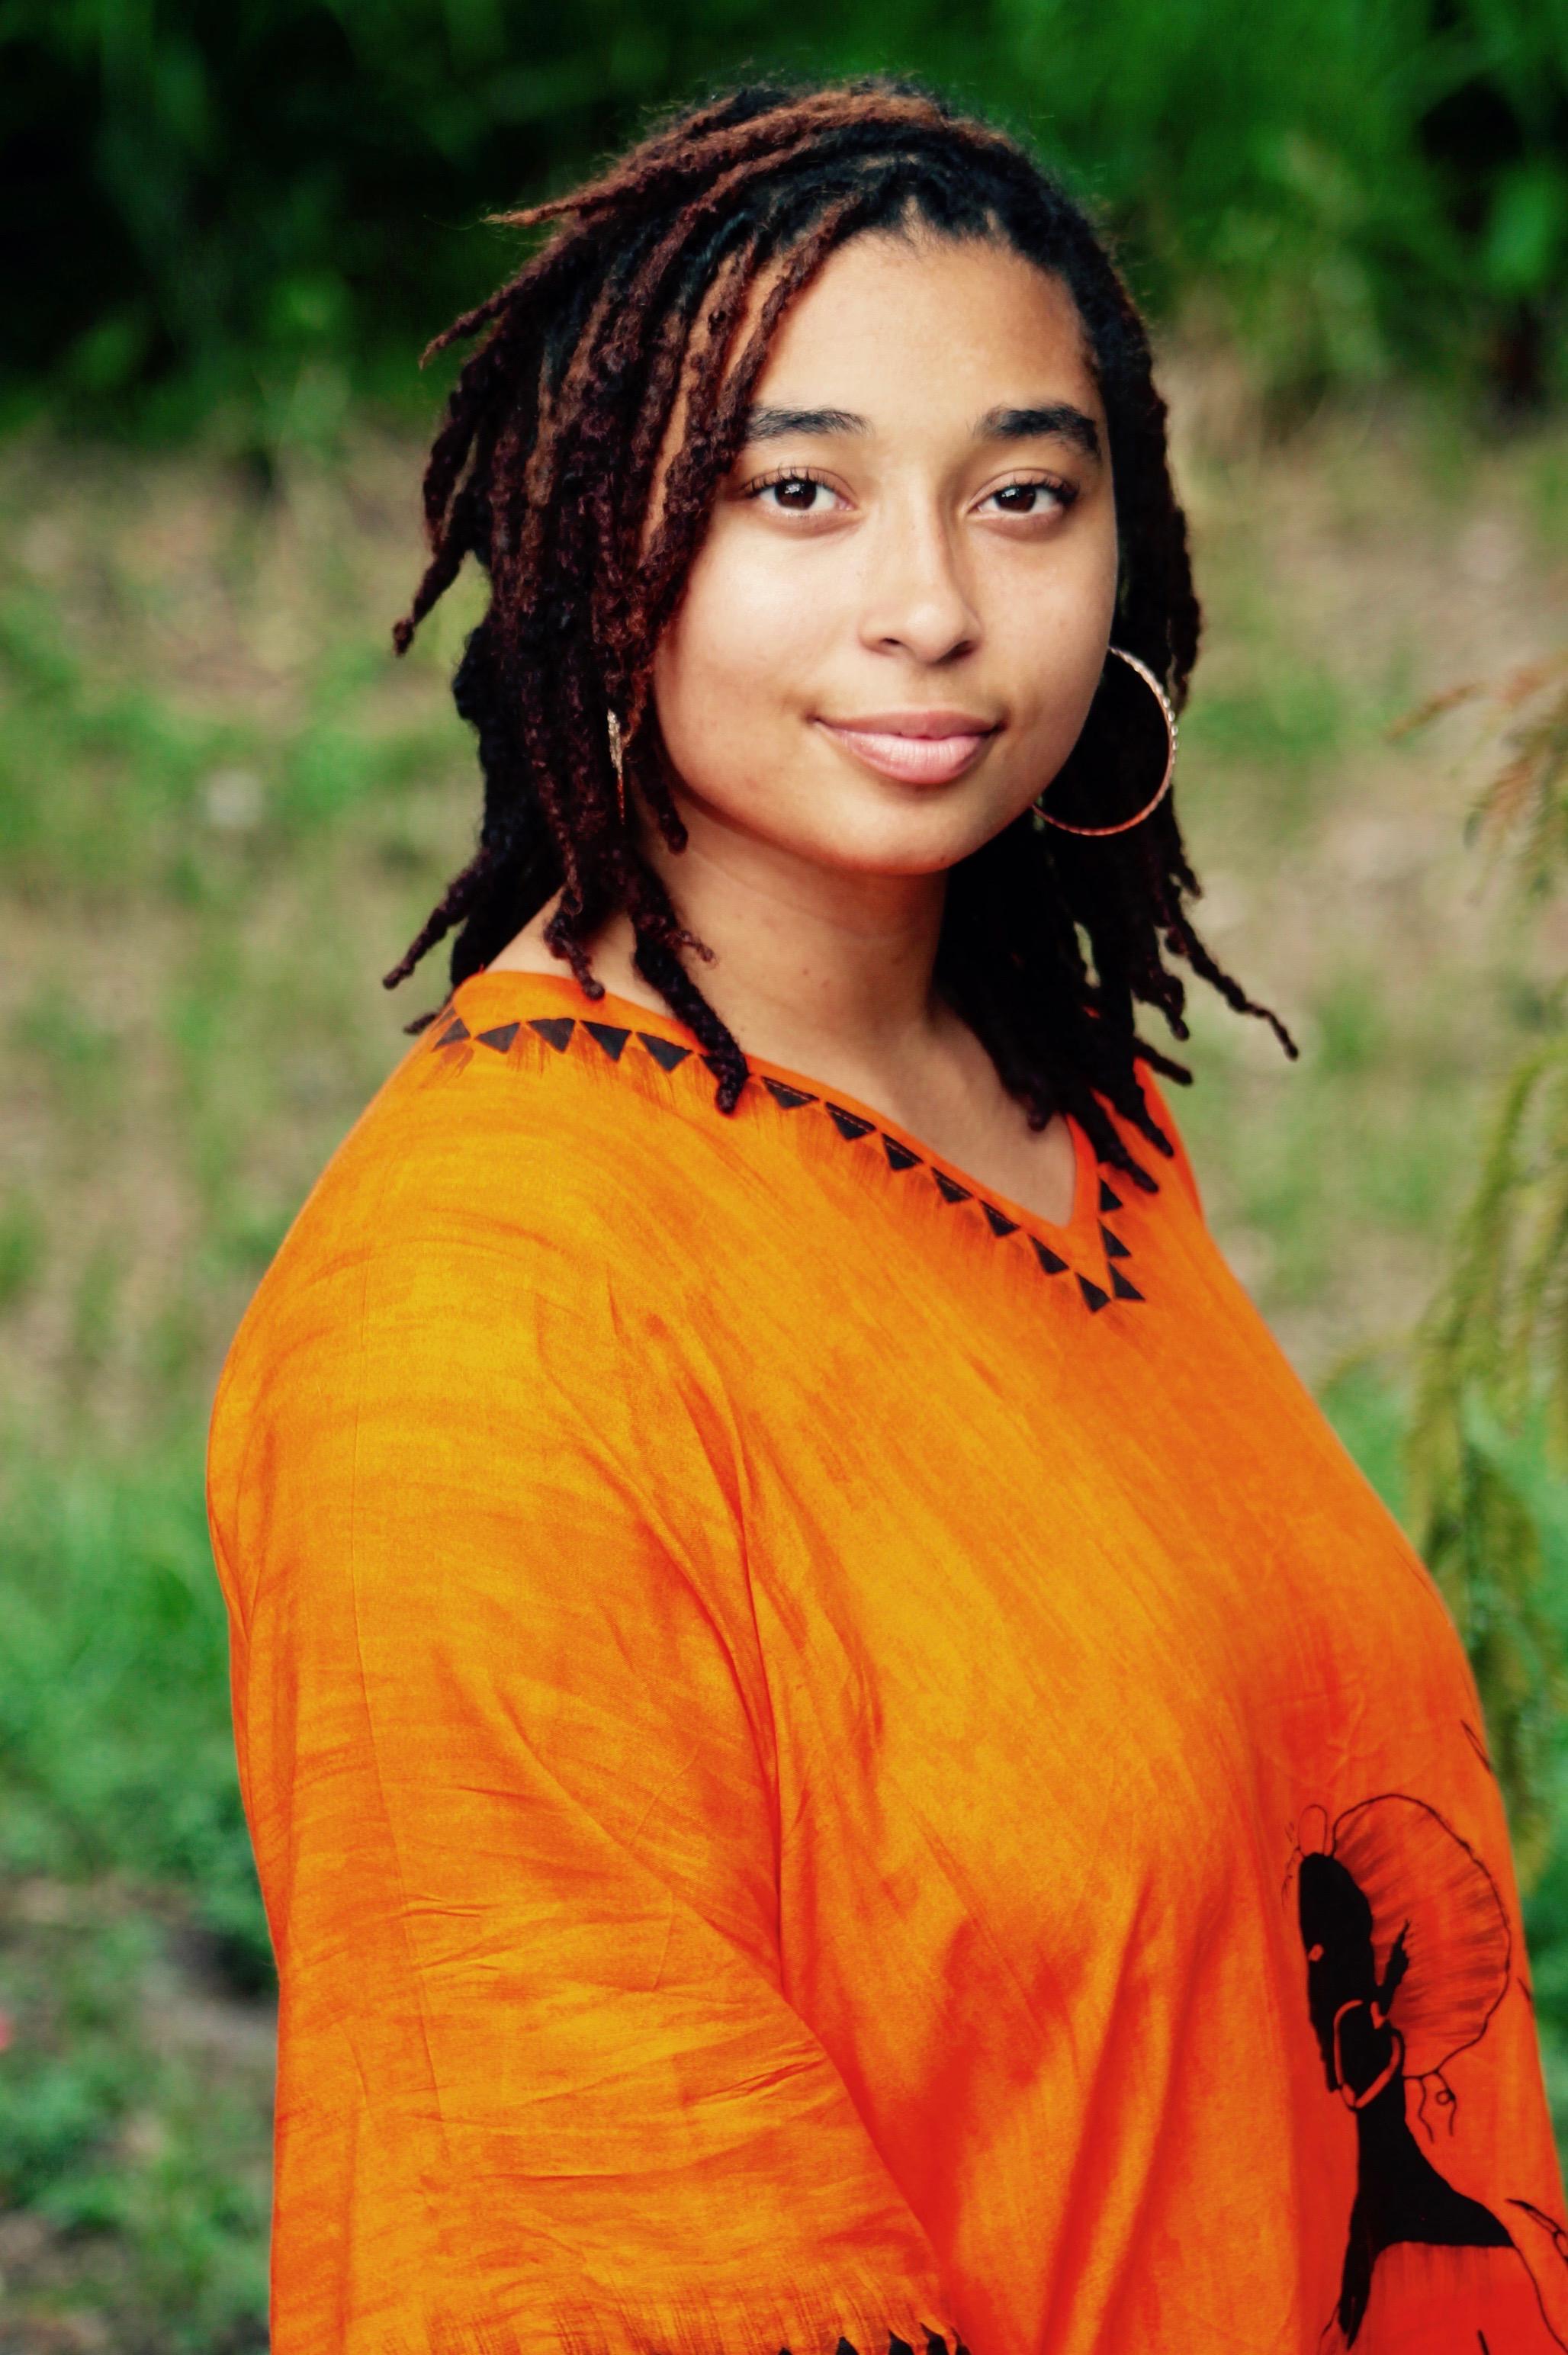 Eritha Akile Cainion